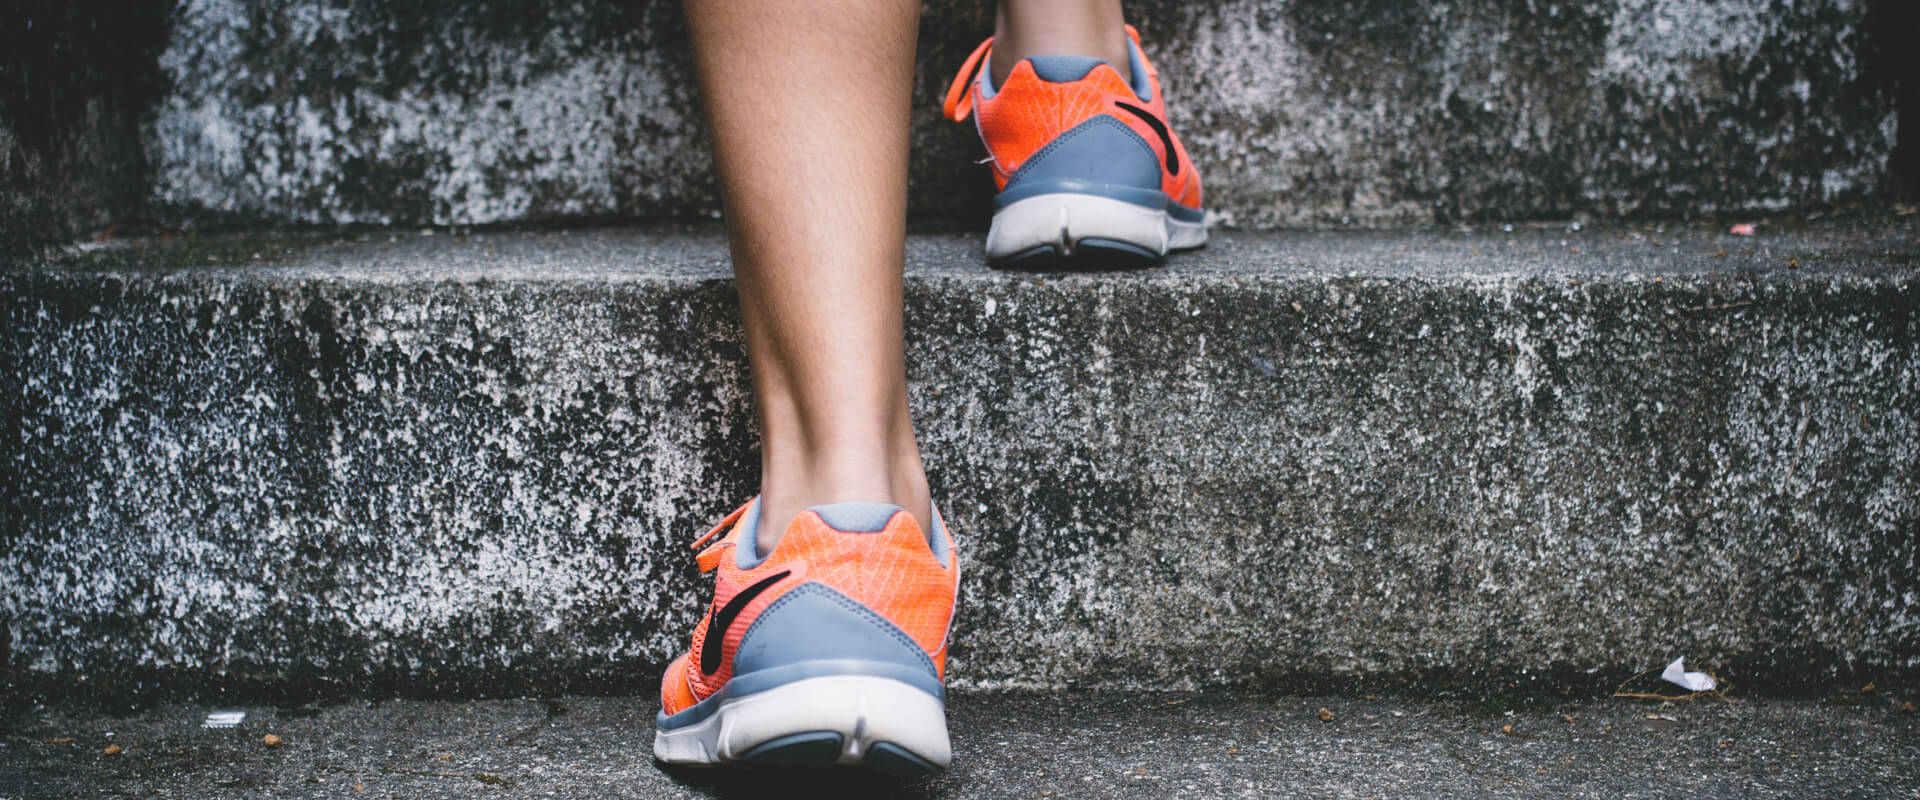 Warum es so schwer fällt, unsere Gewohnheiten zu ändern